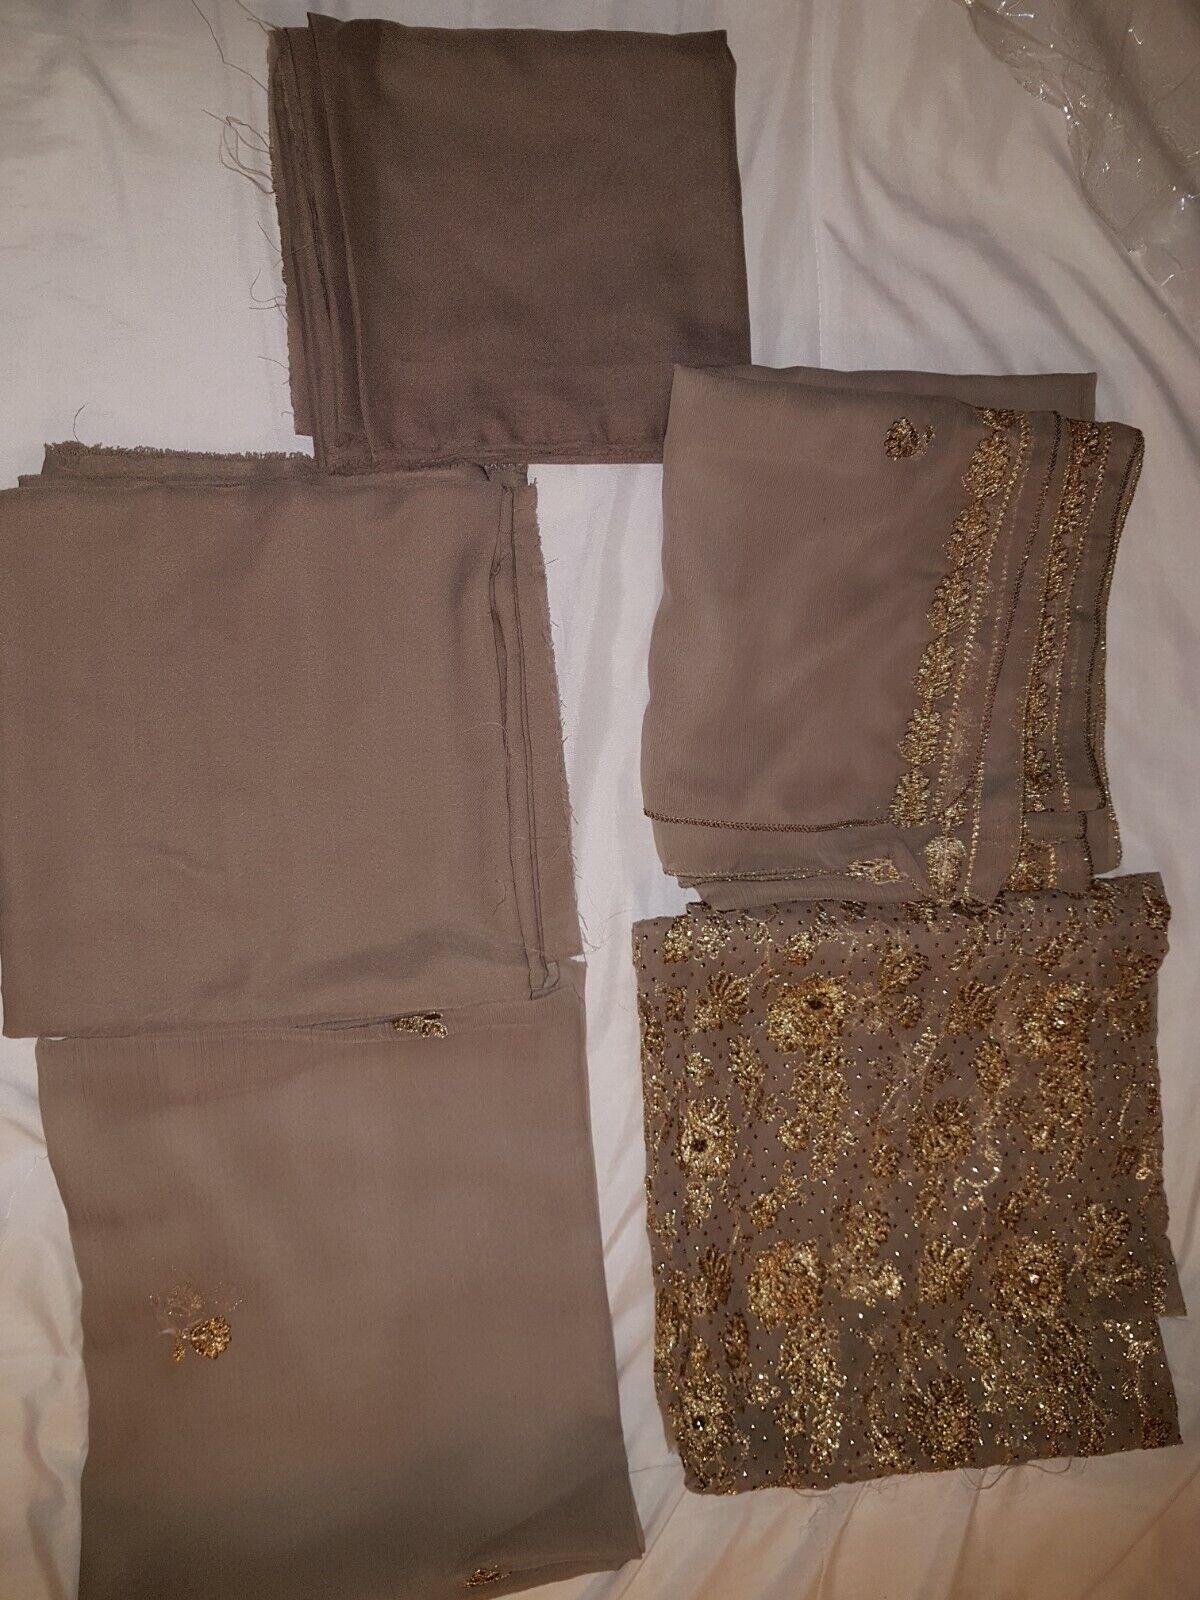 Mauve/brown Unstitched 5 Piece Salwar Kameez Suit